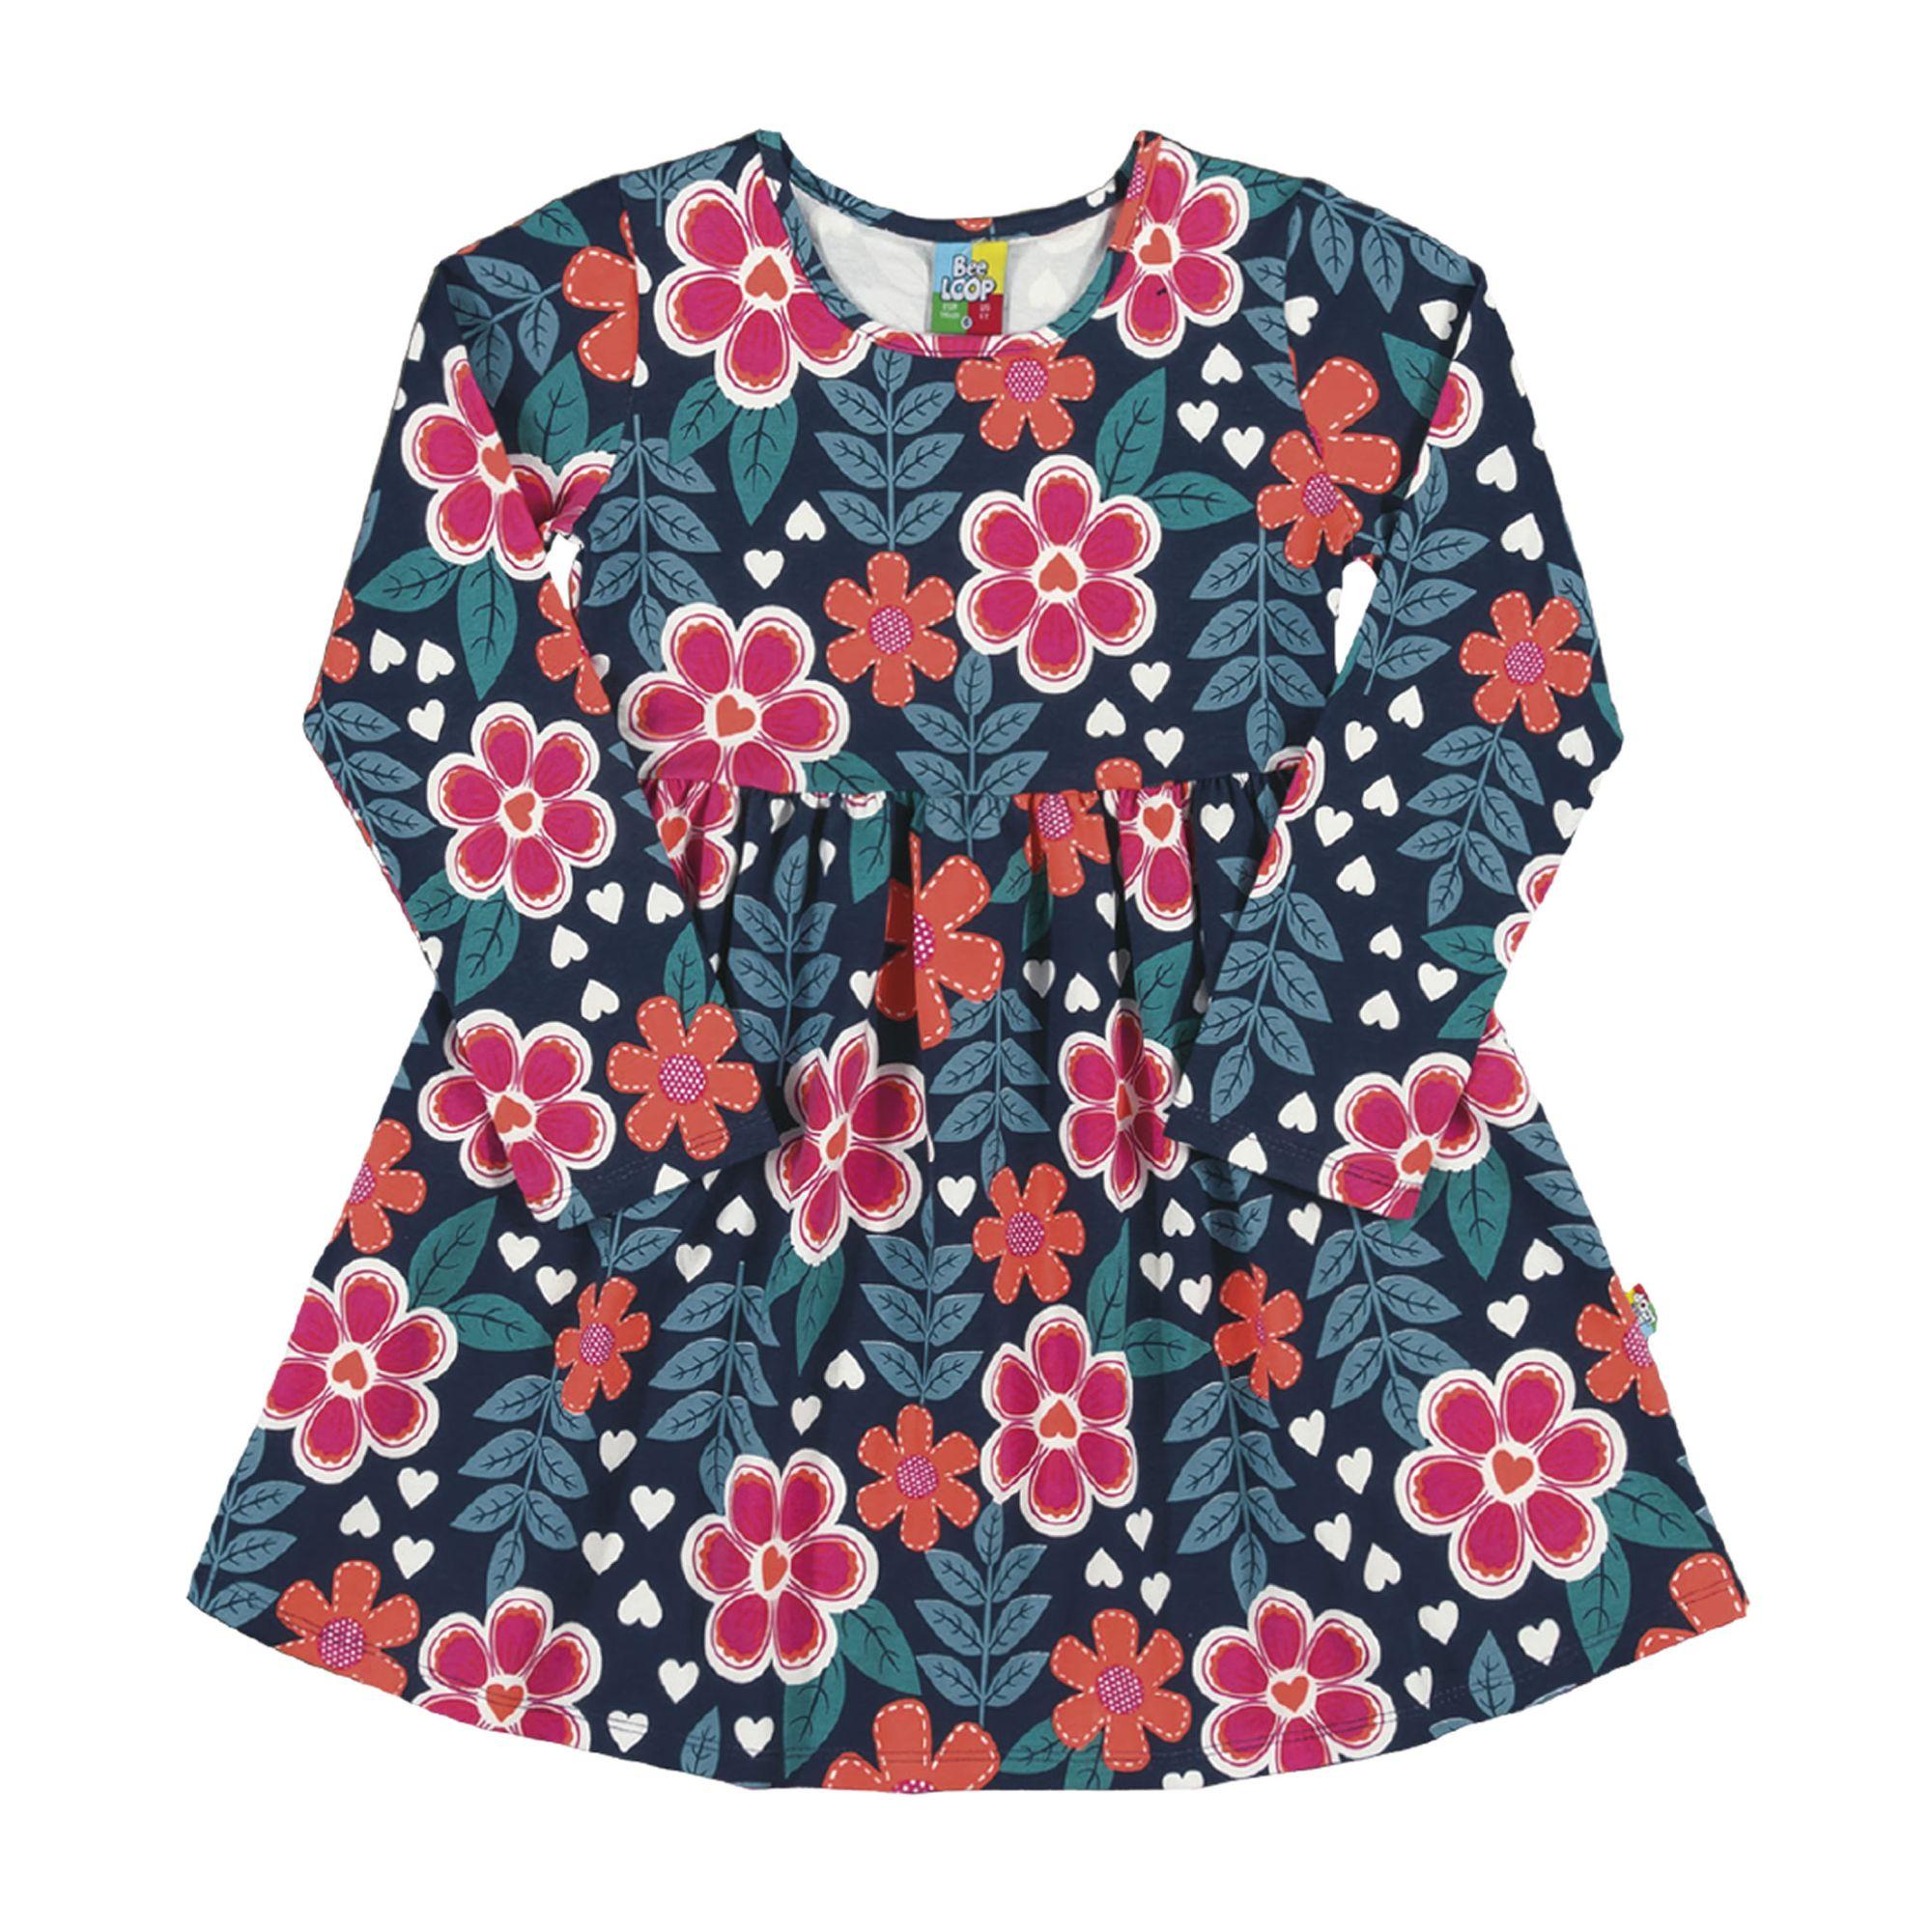 vestido-infantil-manga-longa-marinho-com-flores-cotton